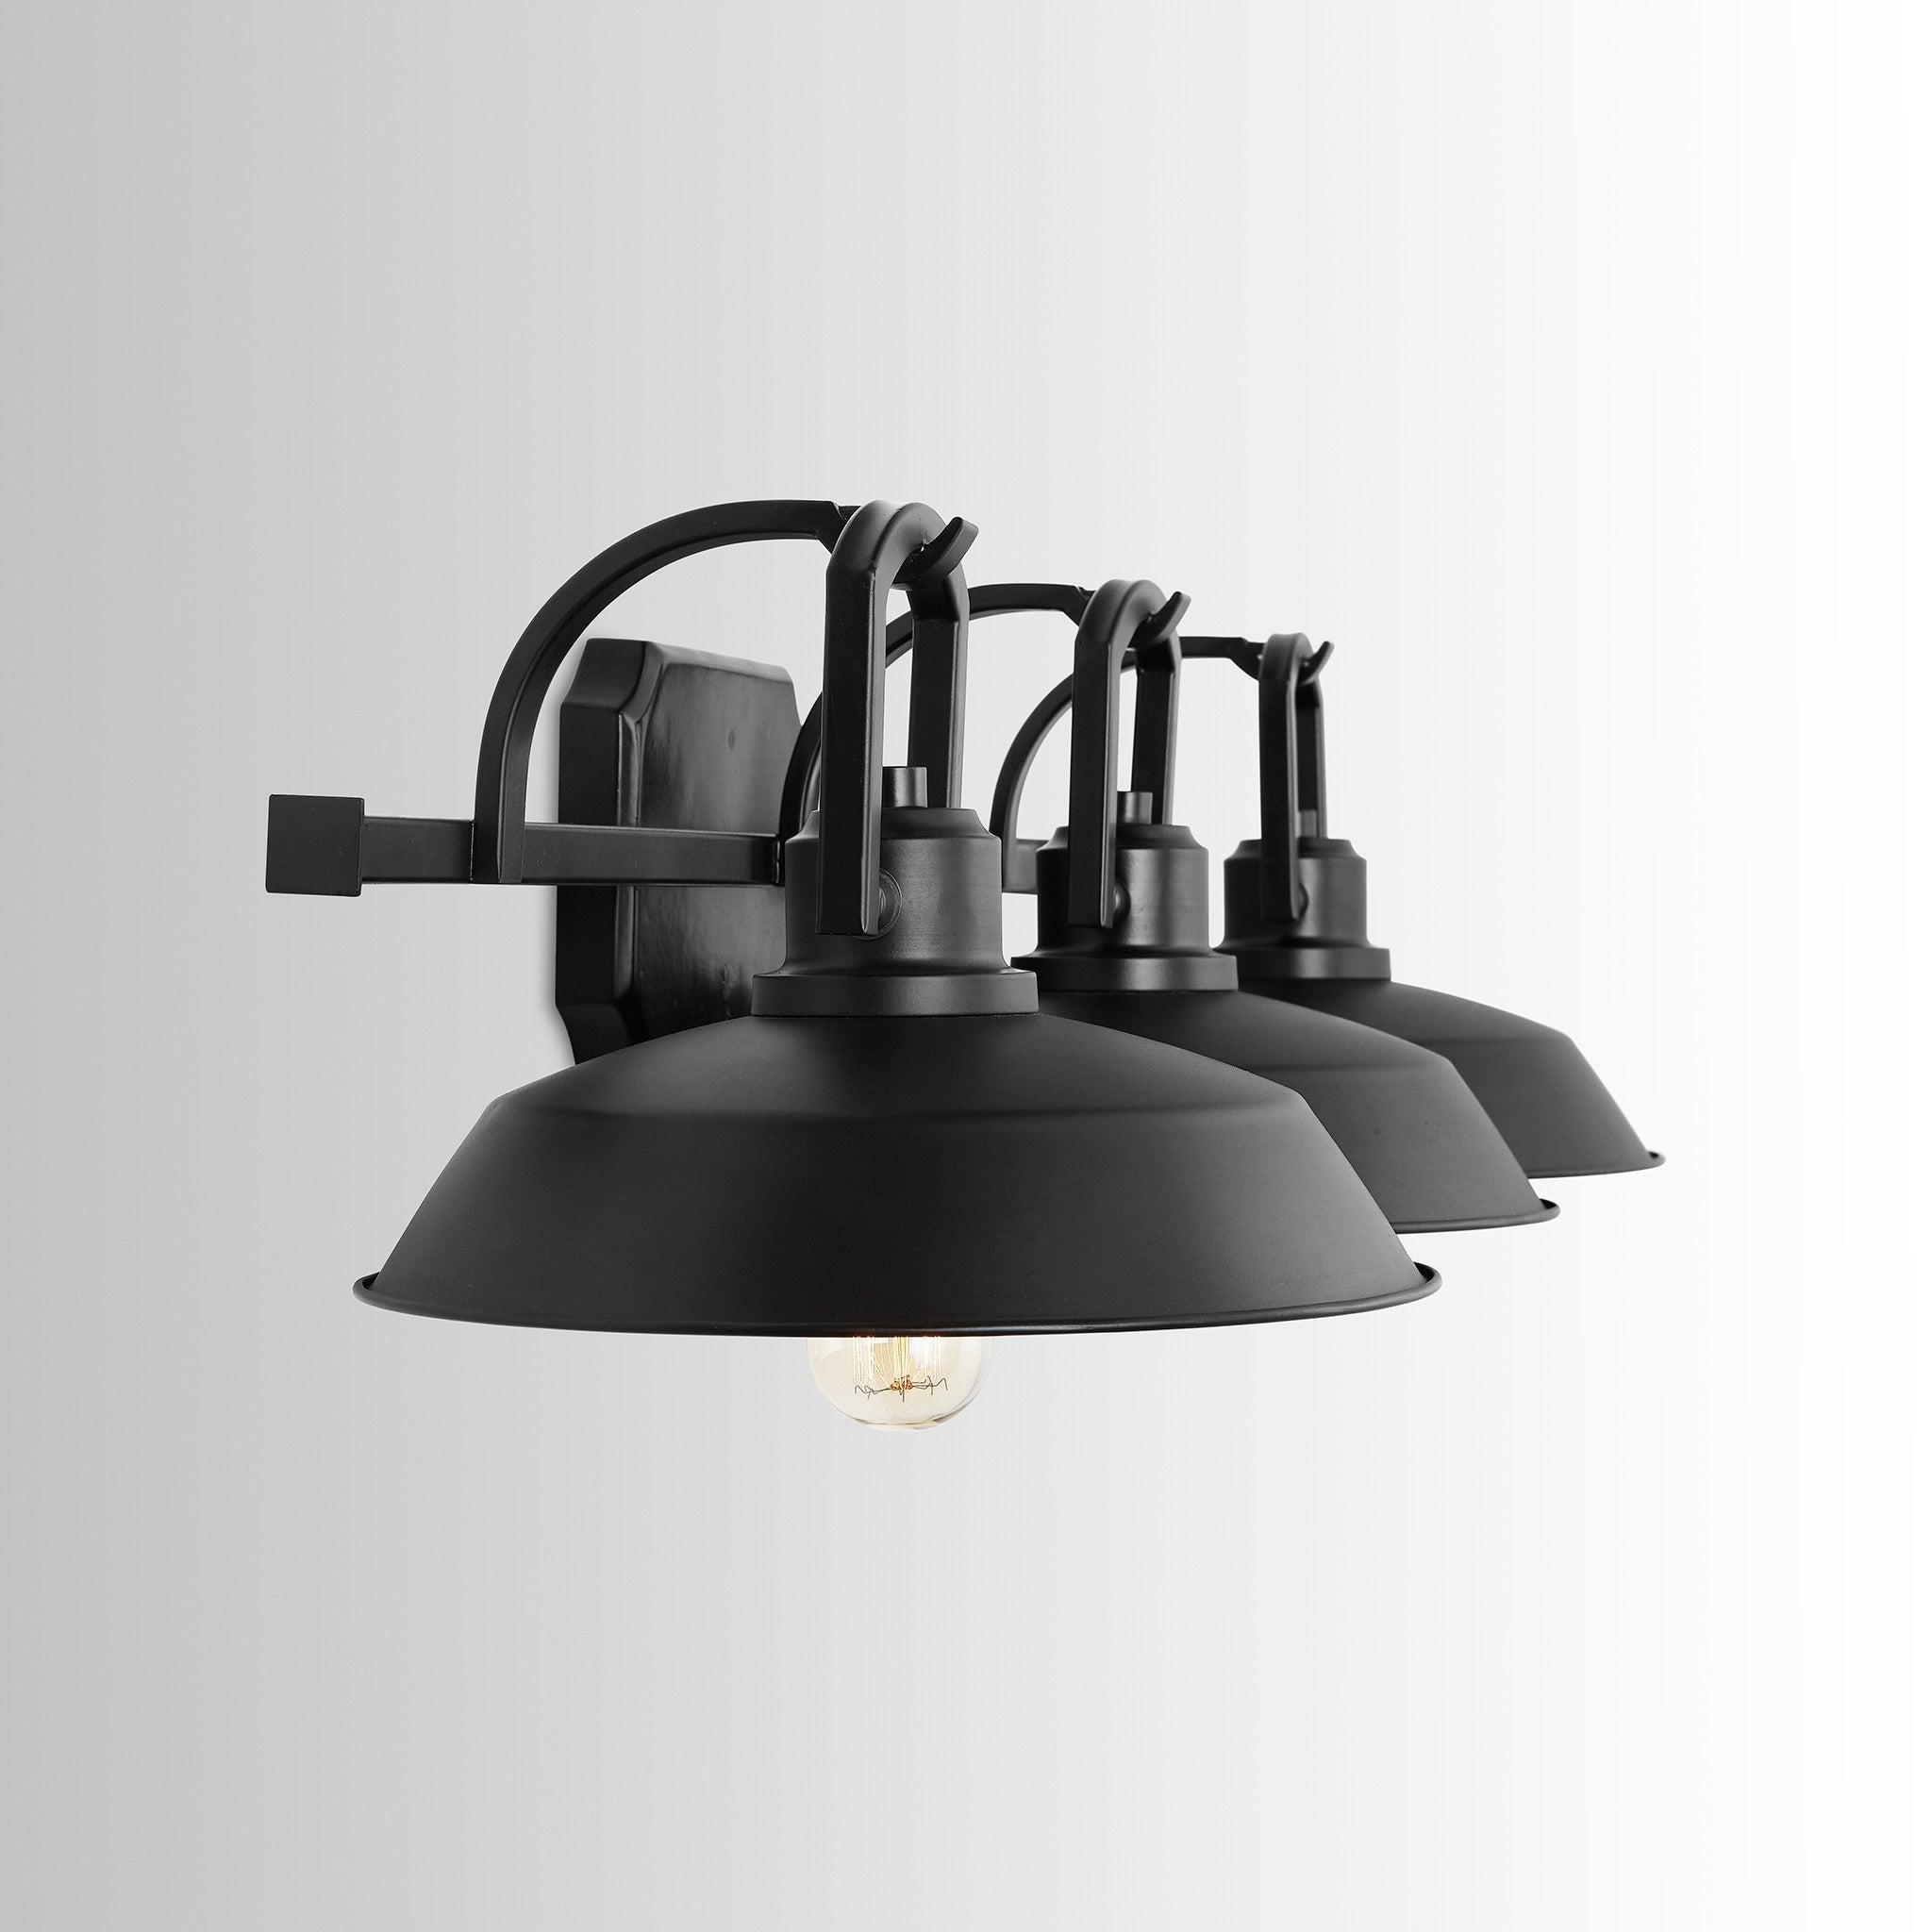 Carbon Loft Jennie 3light Matte Black Vanity Fixture (As